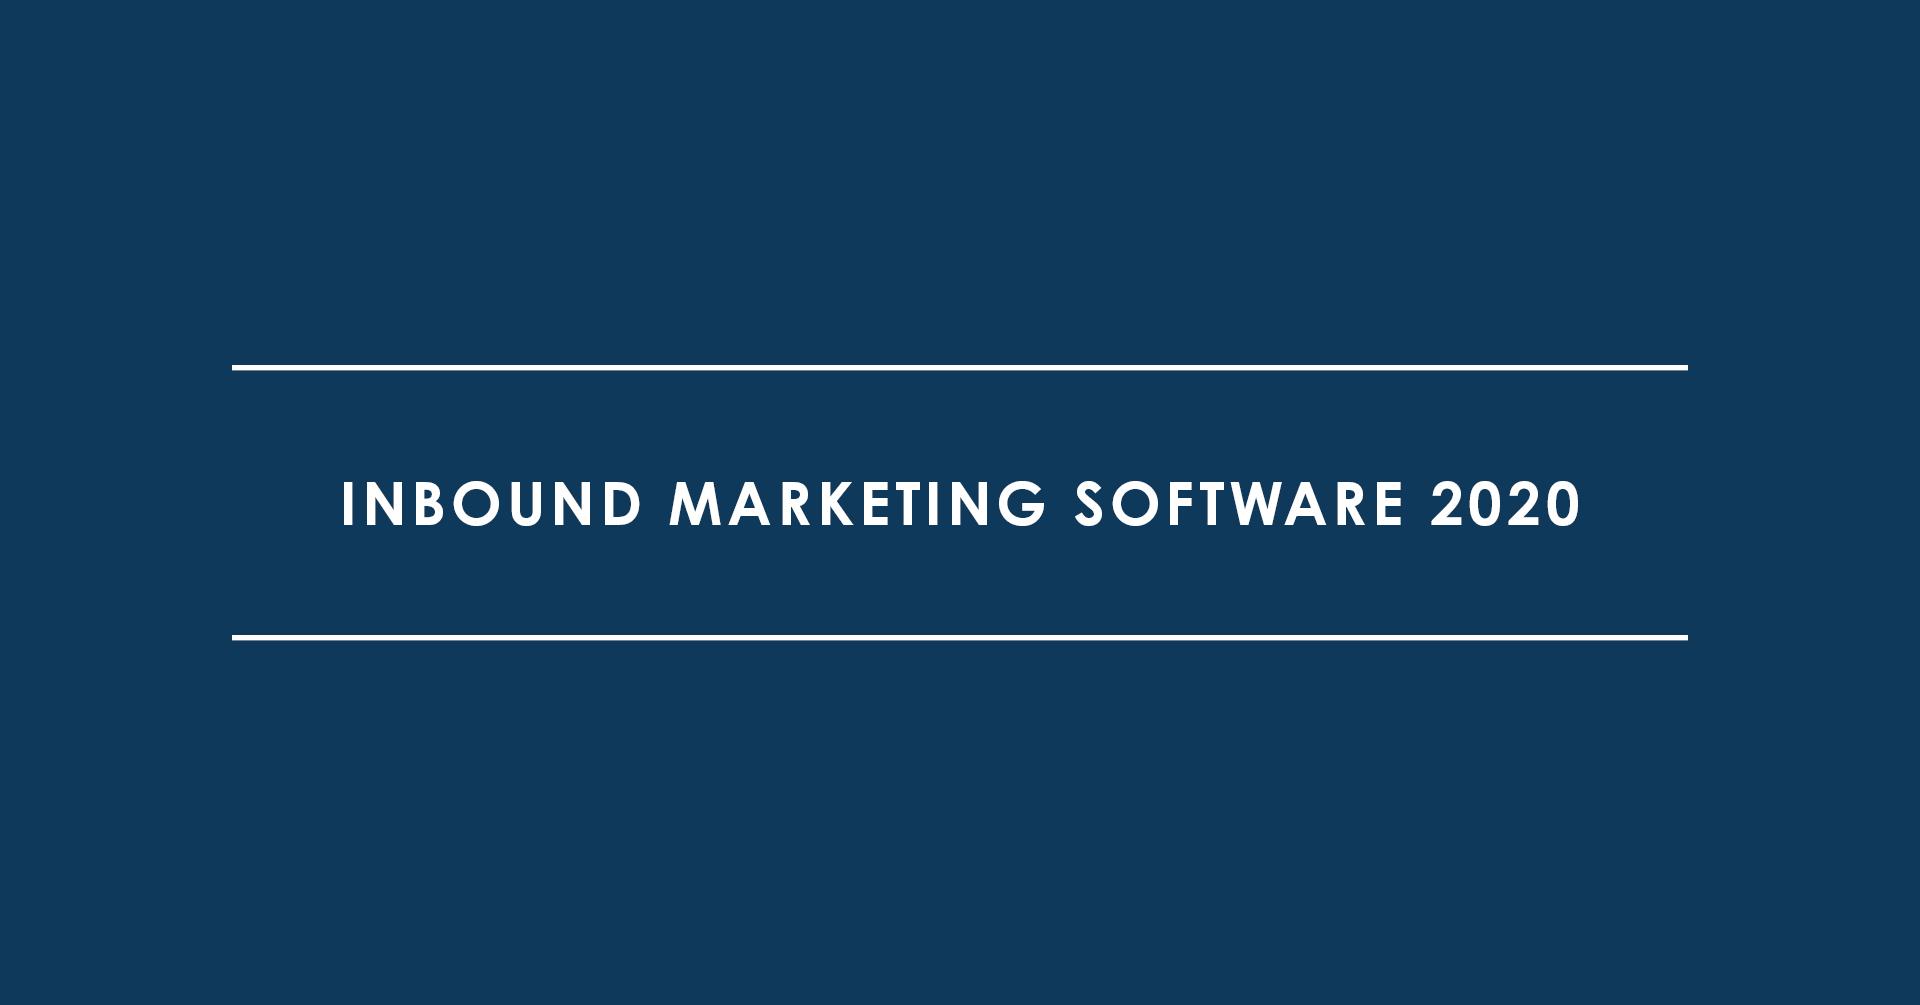 Inbound Marketing Software 2020